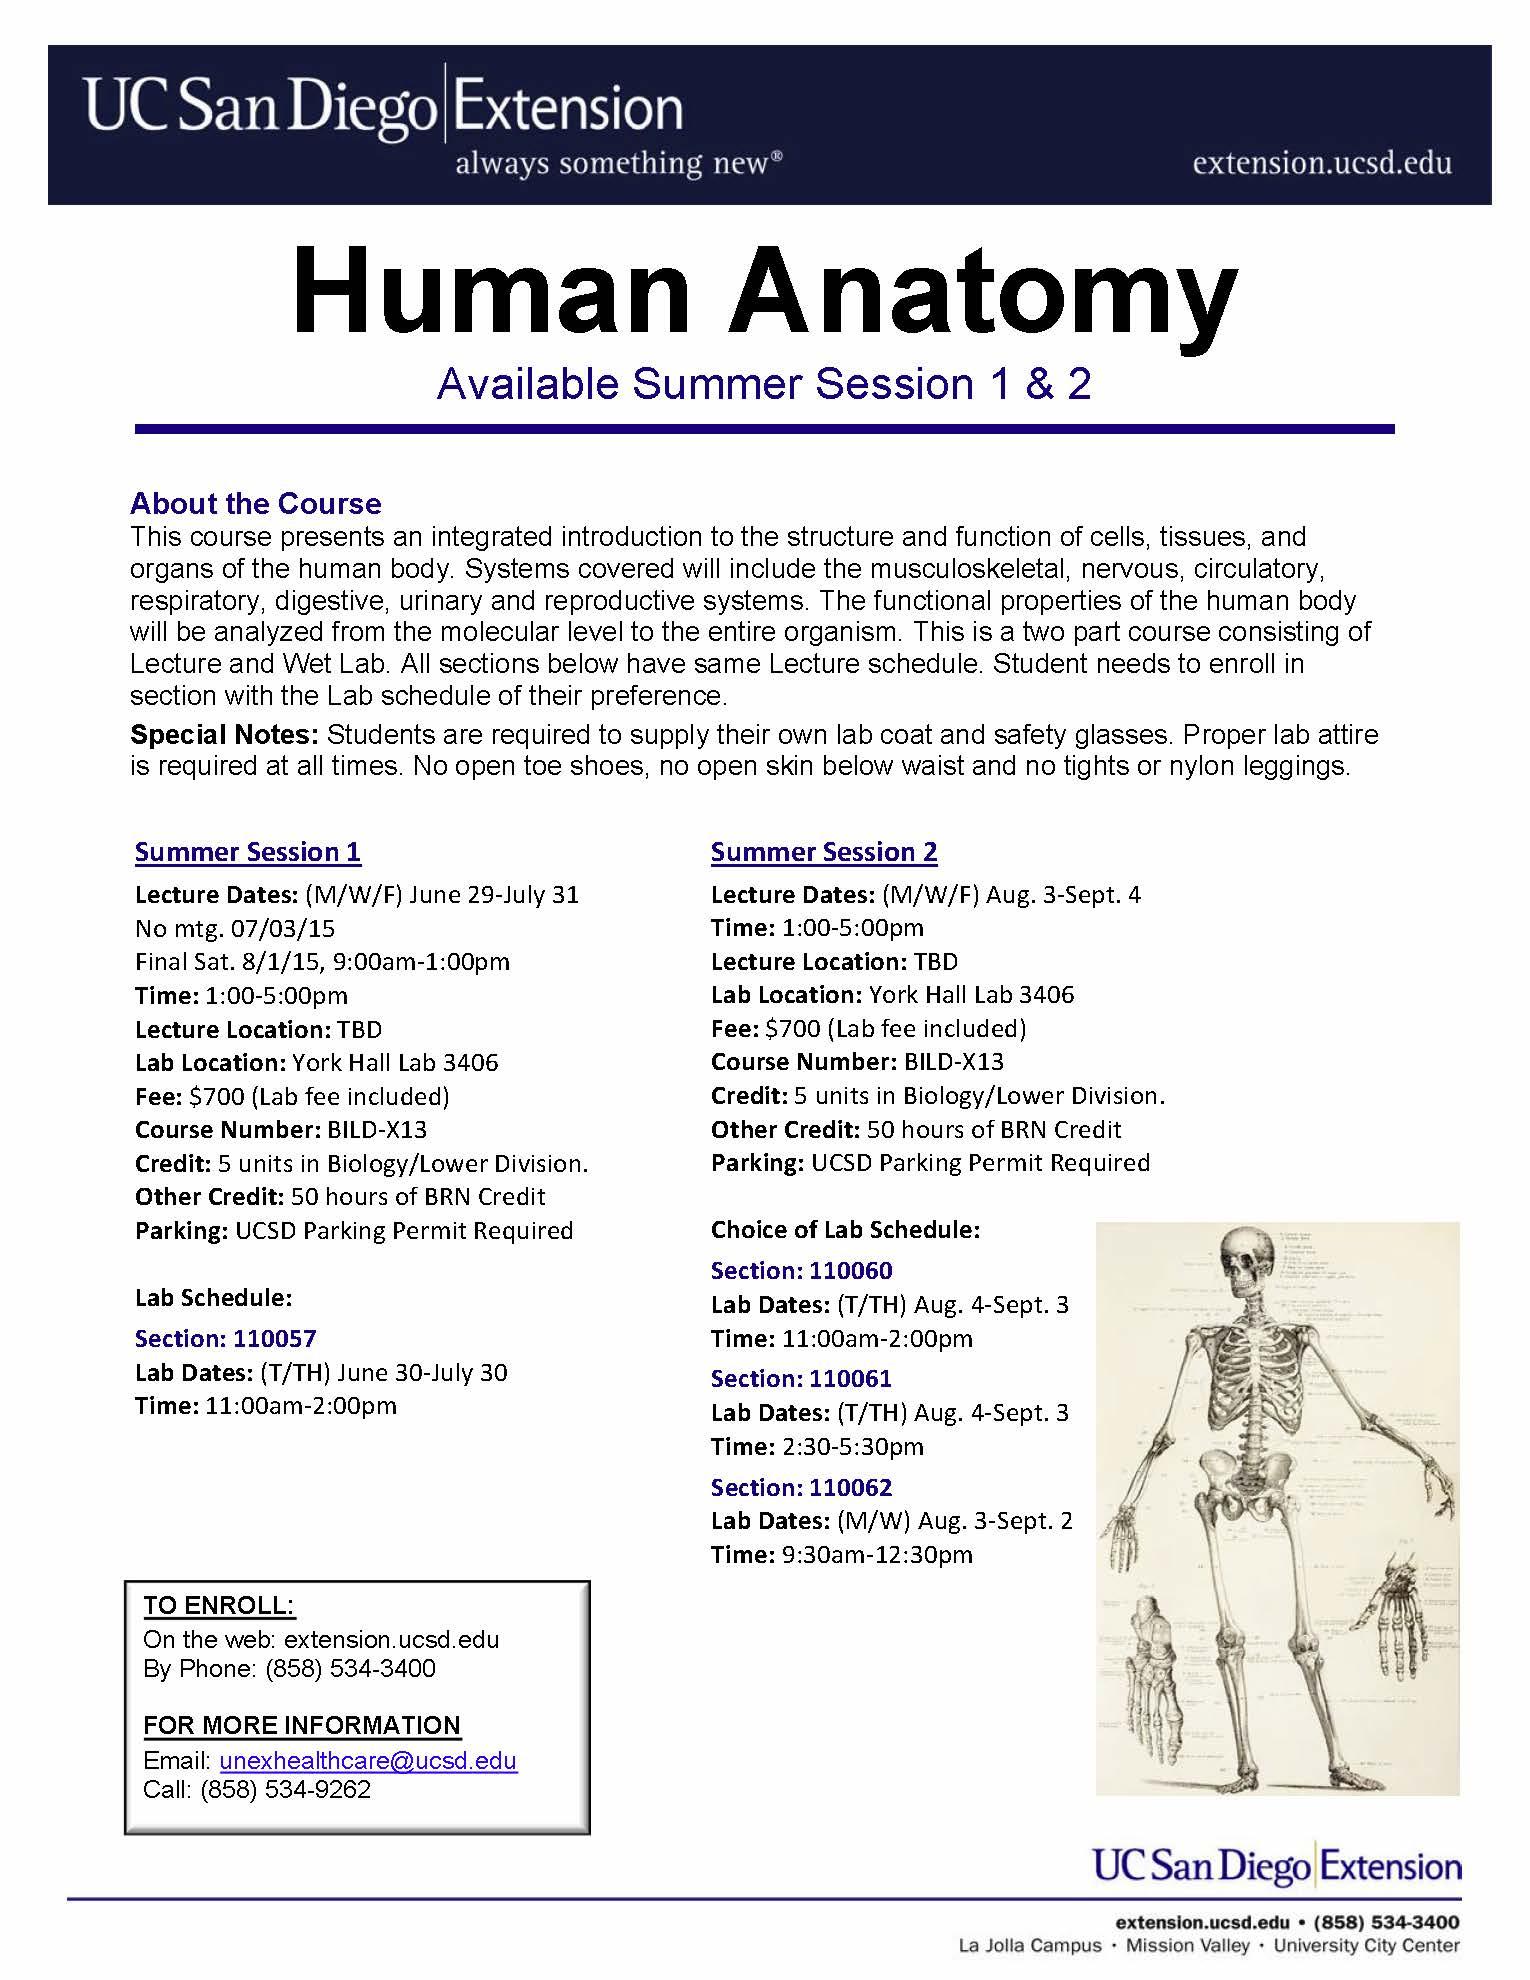 Groß Ucsd Erweiterung Anatomie Bilder - Menschliche Anatomie Bilder ...